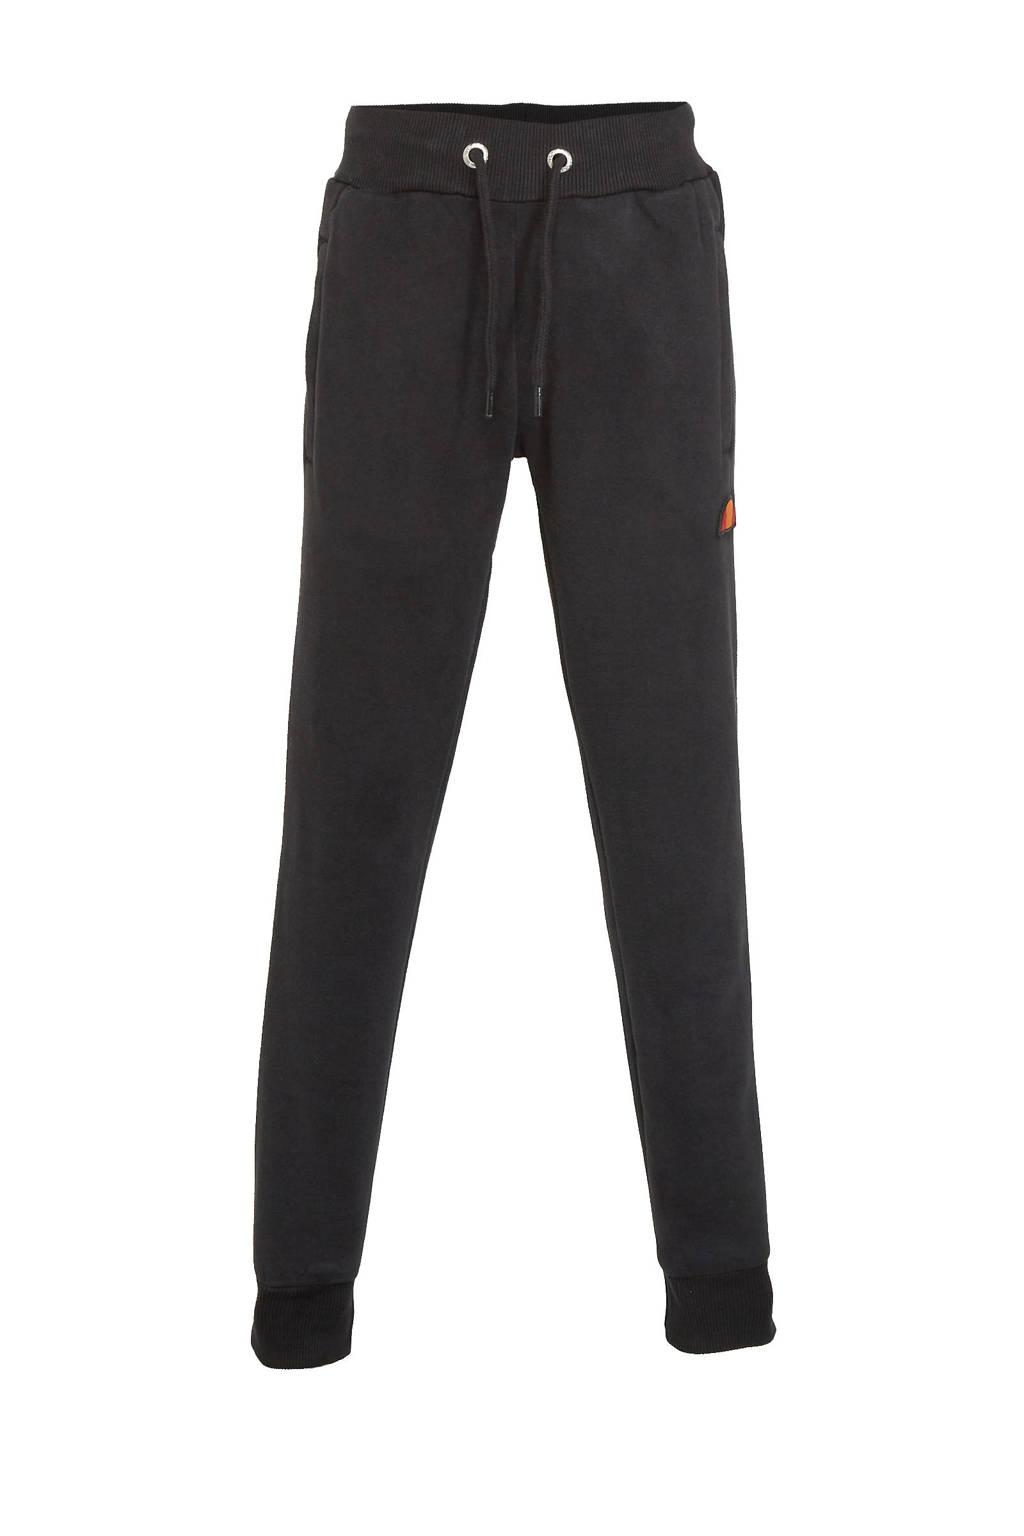 Ellesse regular fit joggingbroek met logo zwart, Zwart